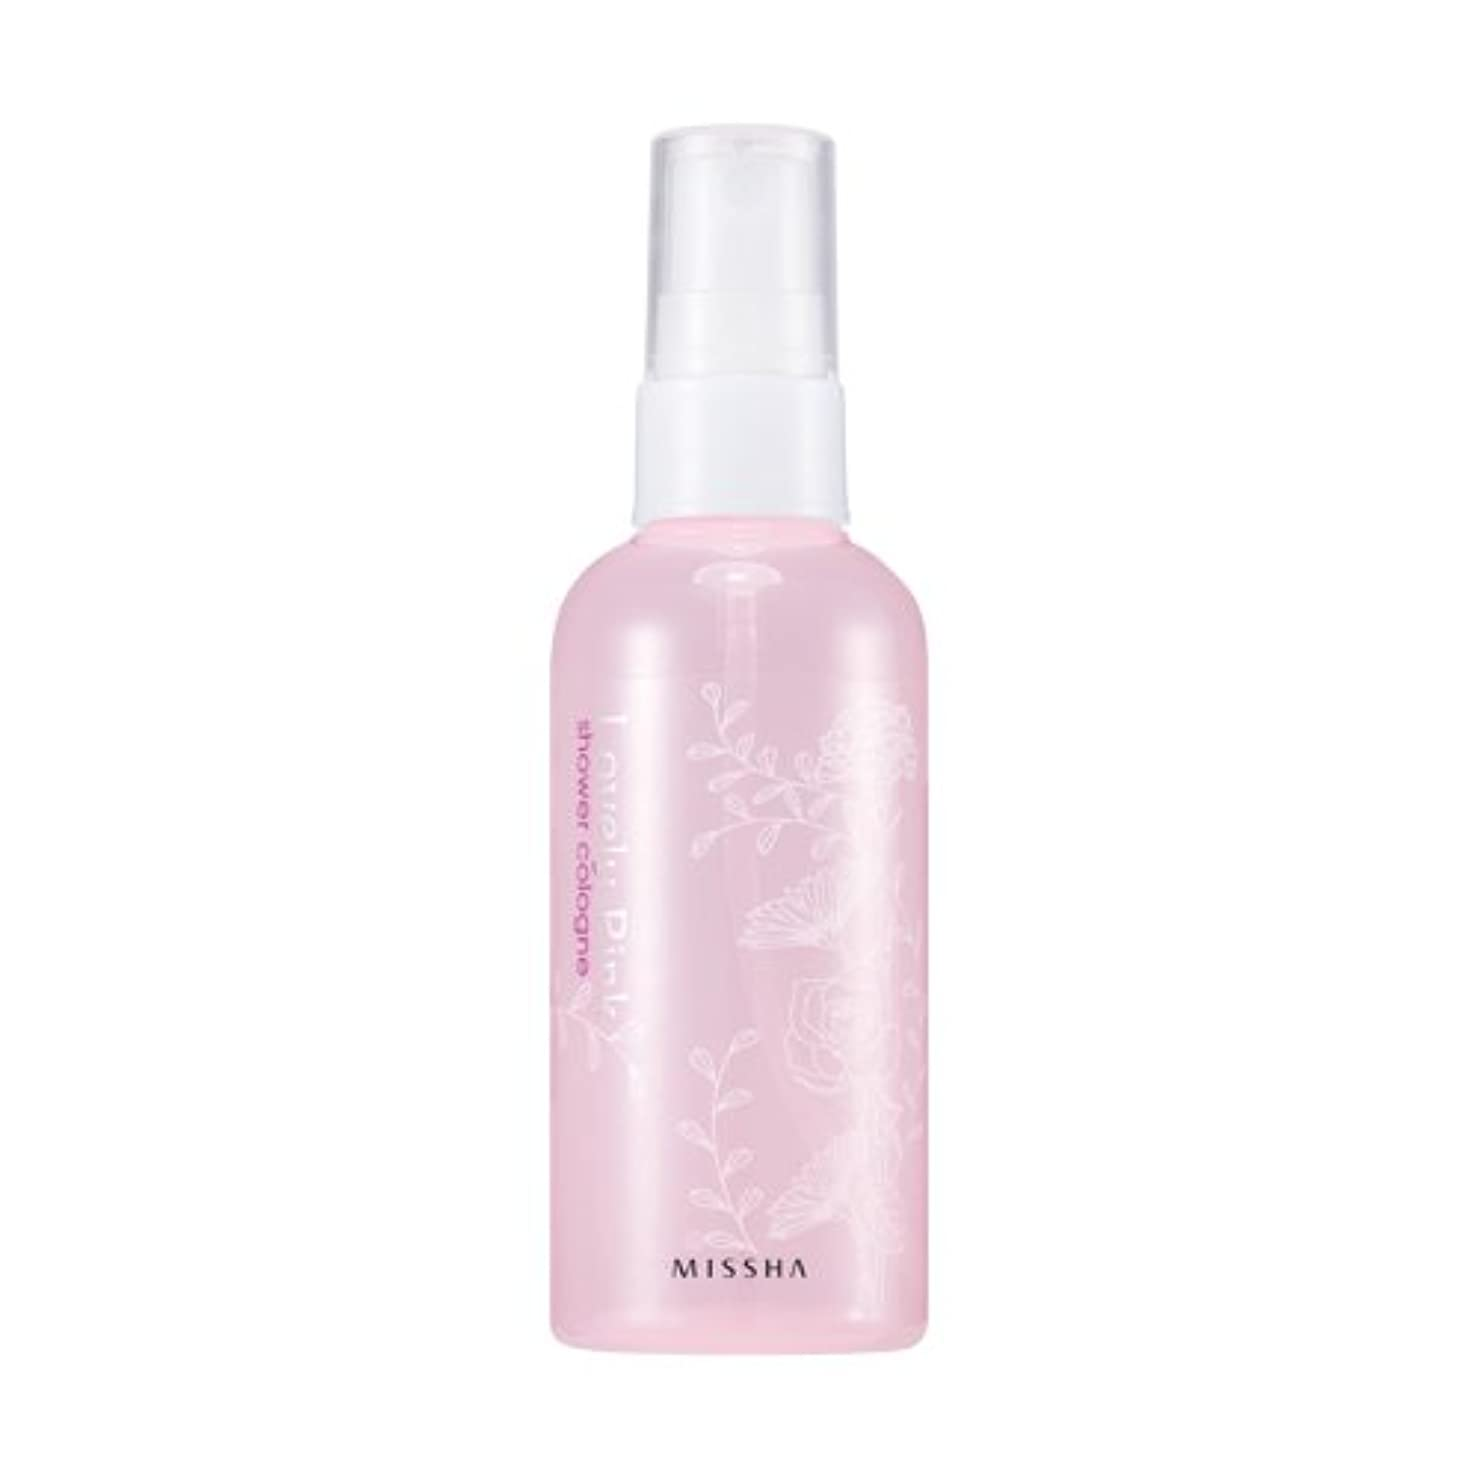 監督するその間突破口MISSHA Perfumed Shower Cologne Lovely pink 105ml / ミシャ パフュームドシャワーコロン ラブリーピンク 105ml [並行輸入品]